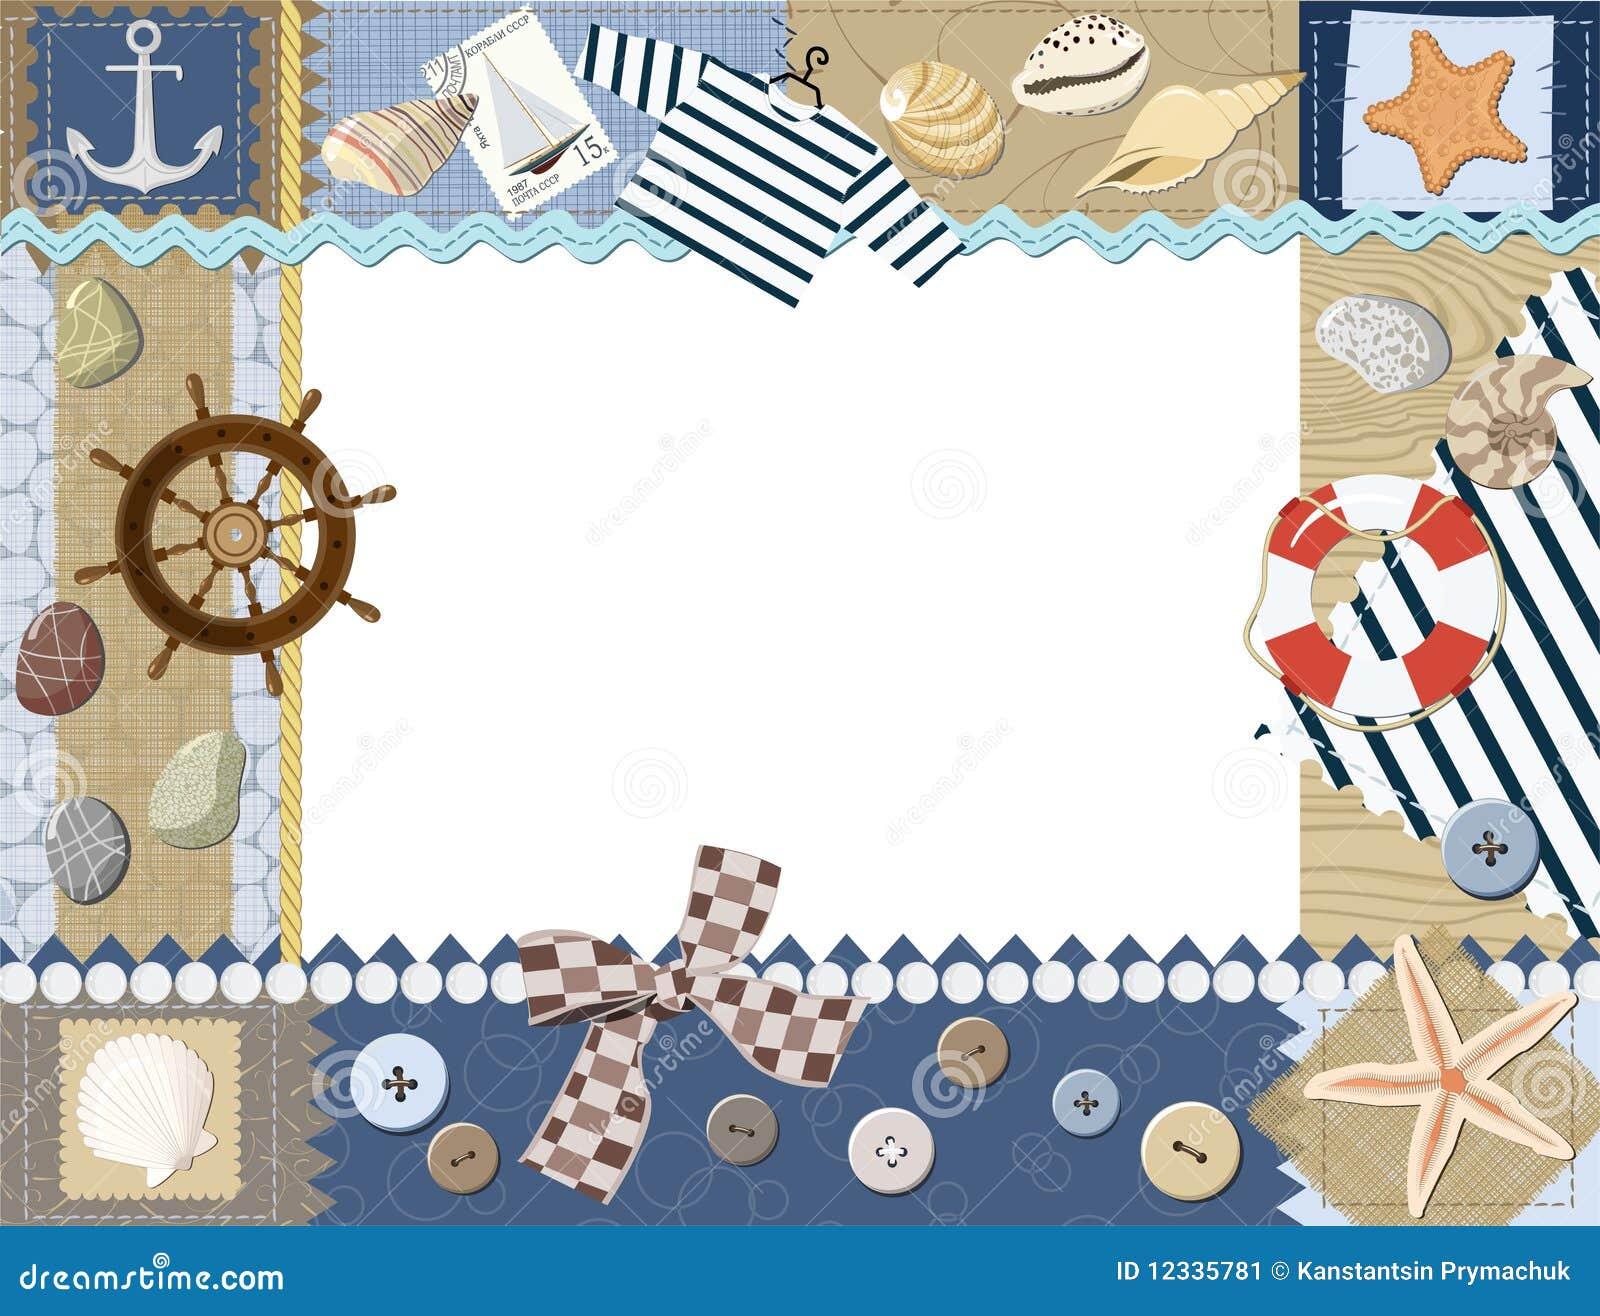 cadre de photo d 39 enfant vecteur illustration de vecteur image 12335781. Black Bedroom Furniture Sets. Home Design Ideas